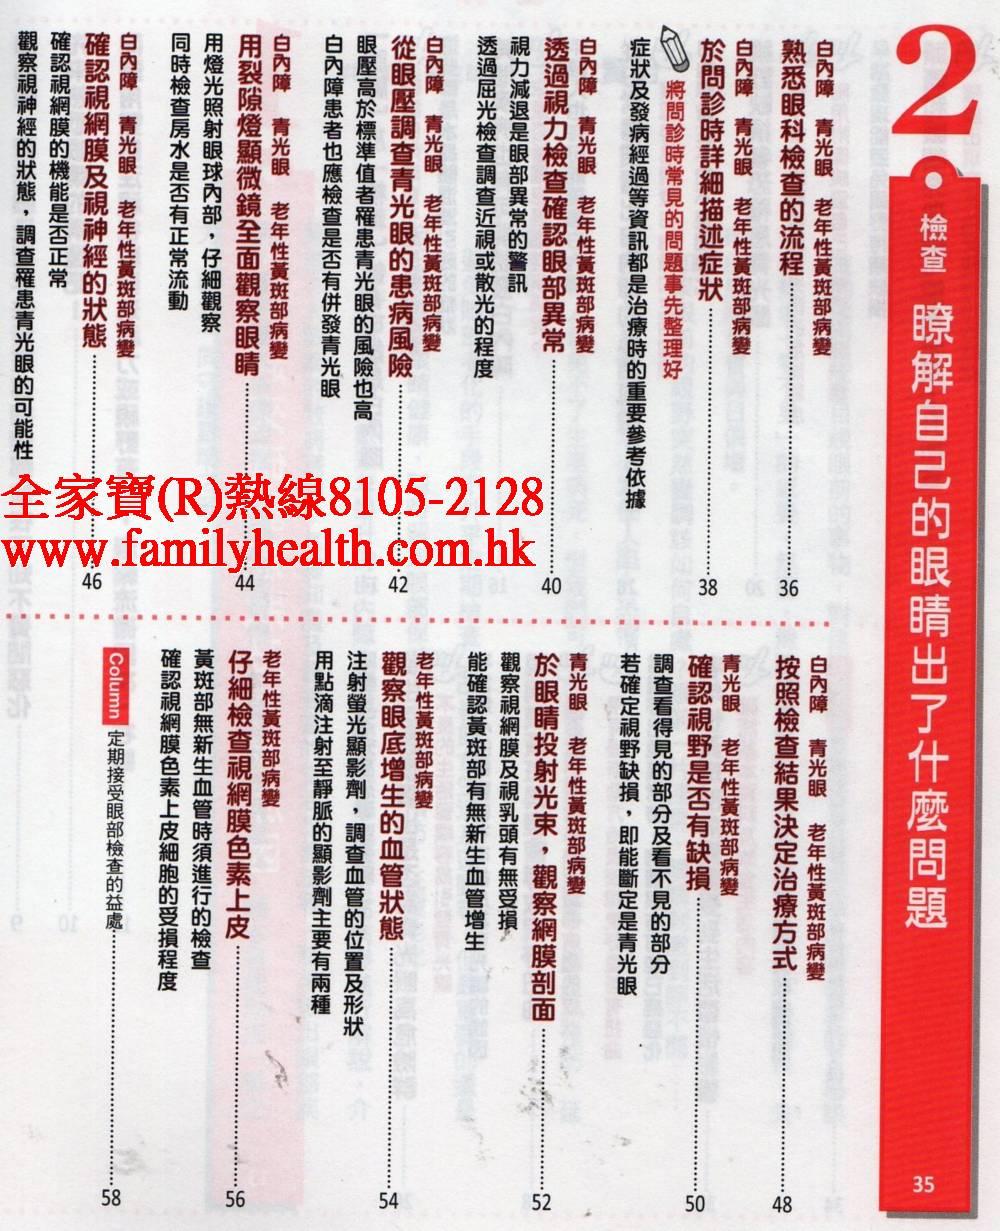 http://www.familyhealth.com.hk/files/full/1008_3.jpg